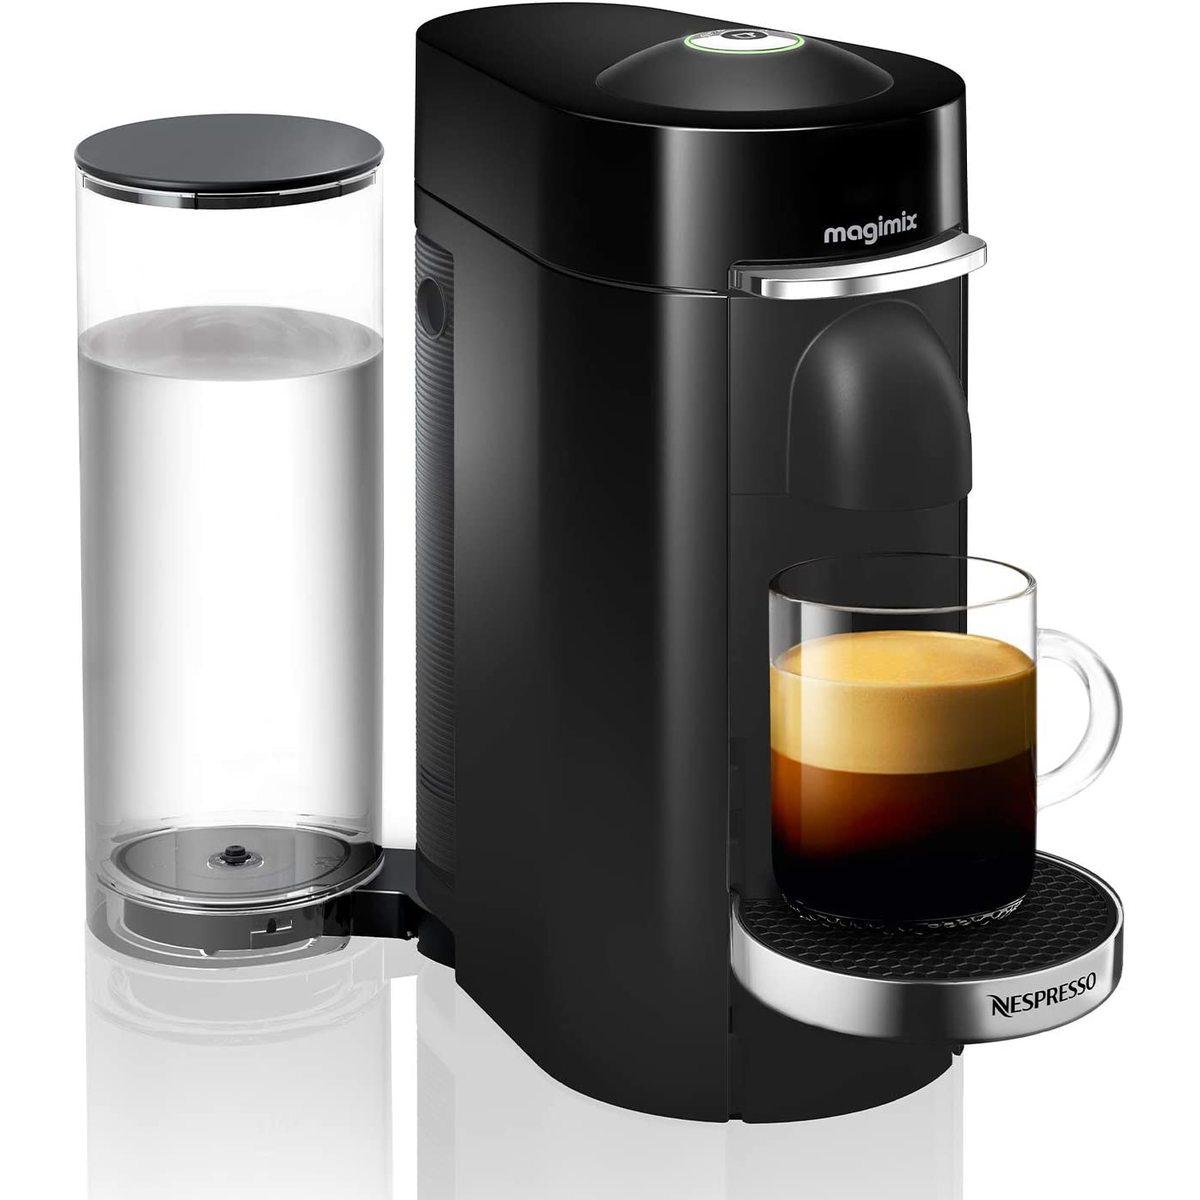 Magimix 11385 Nespresso Vertuo Plus in Black